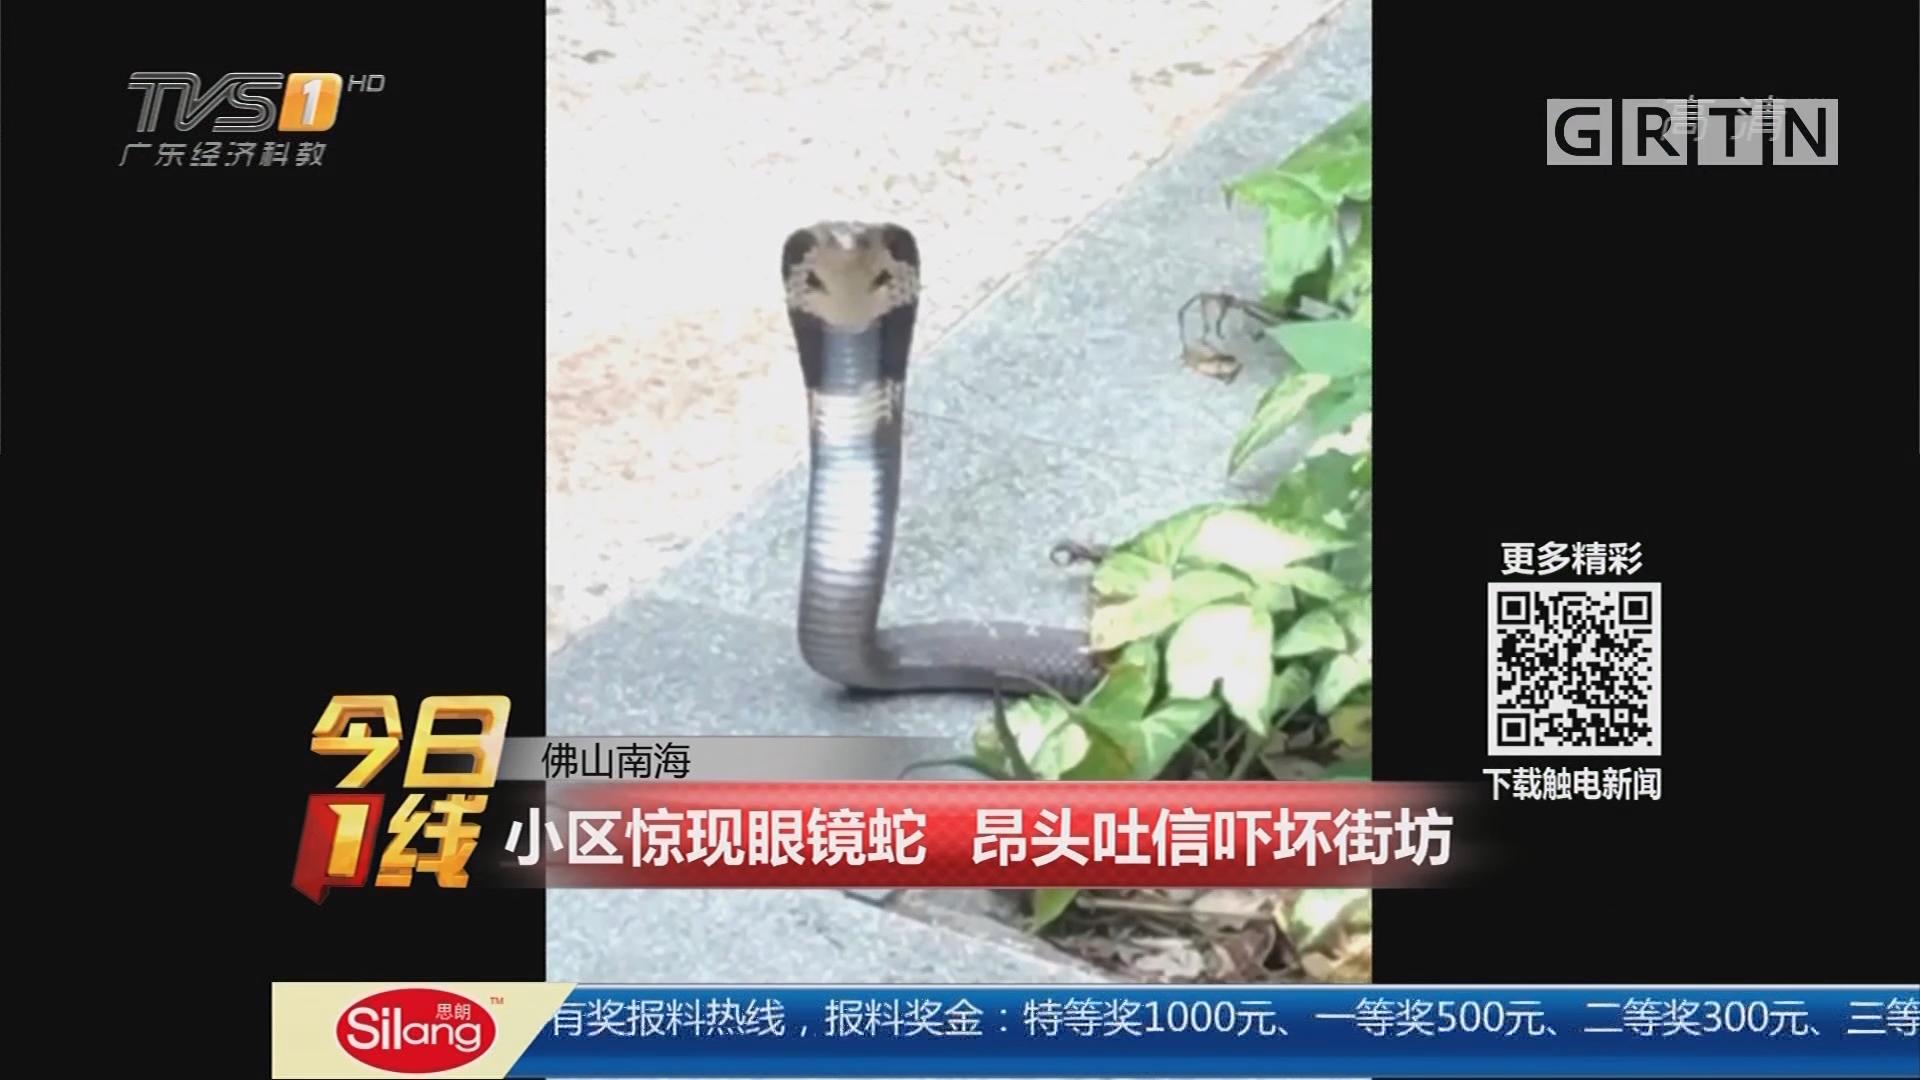 佛山南海:小区惊现眼镜蛇 昂头吐信吓坏街坊